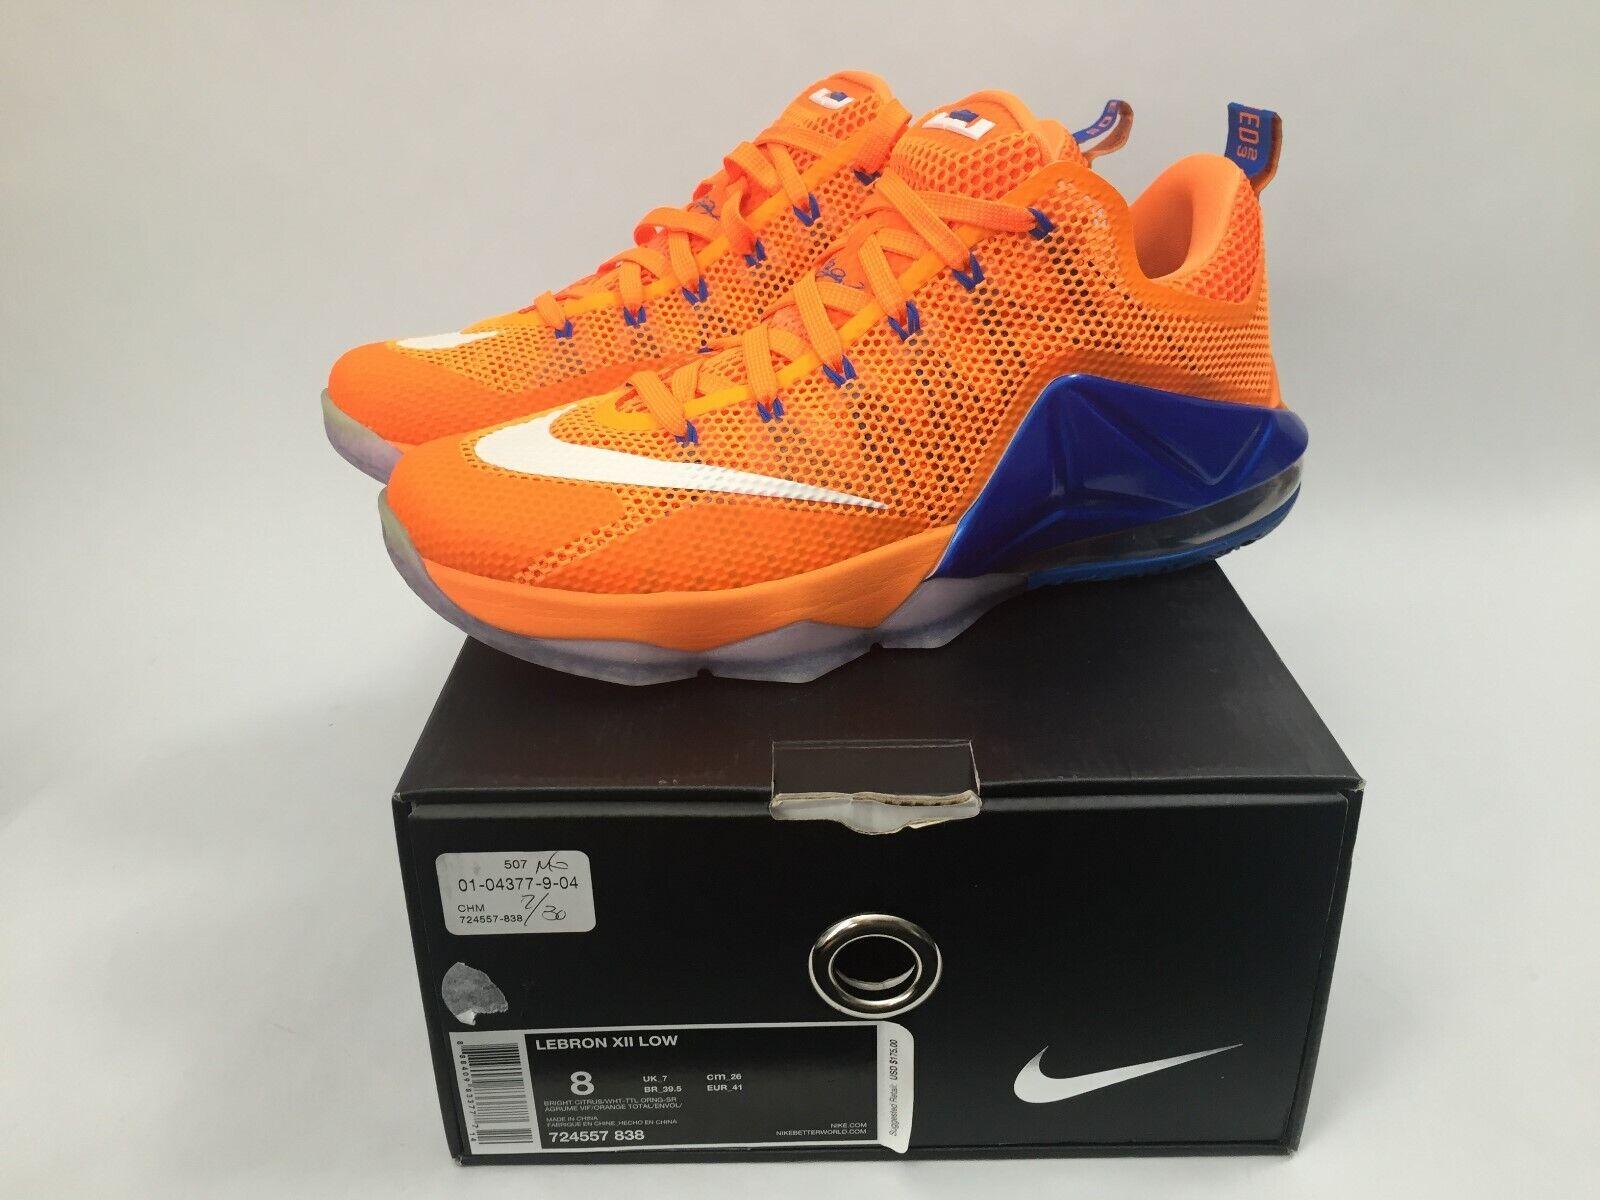 Nuova Nike Lebron XII Scarpe Basse Basketball  Dimensione 8 arancia 72457 -838  n ° 1 online